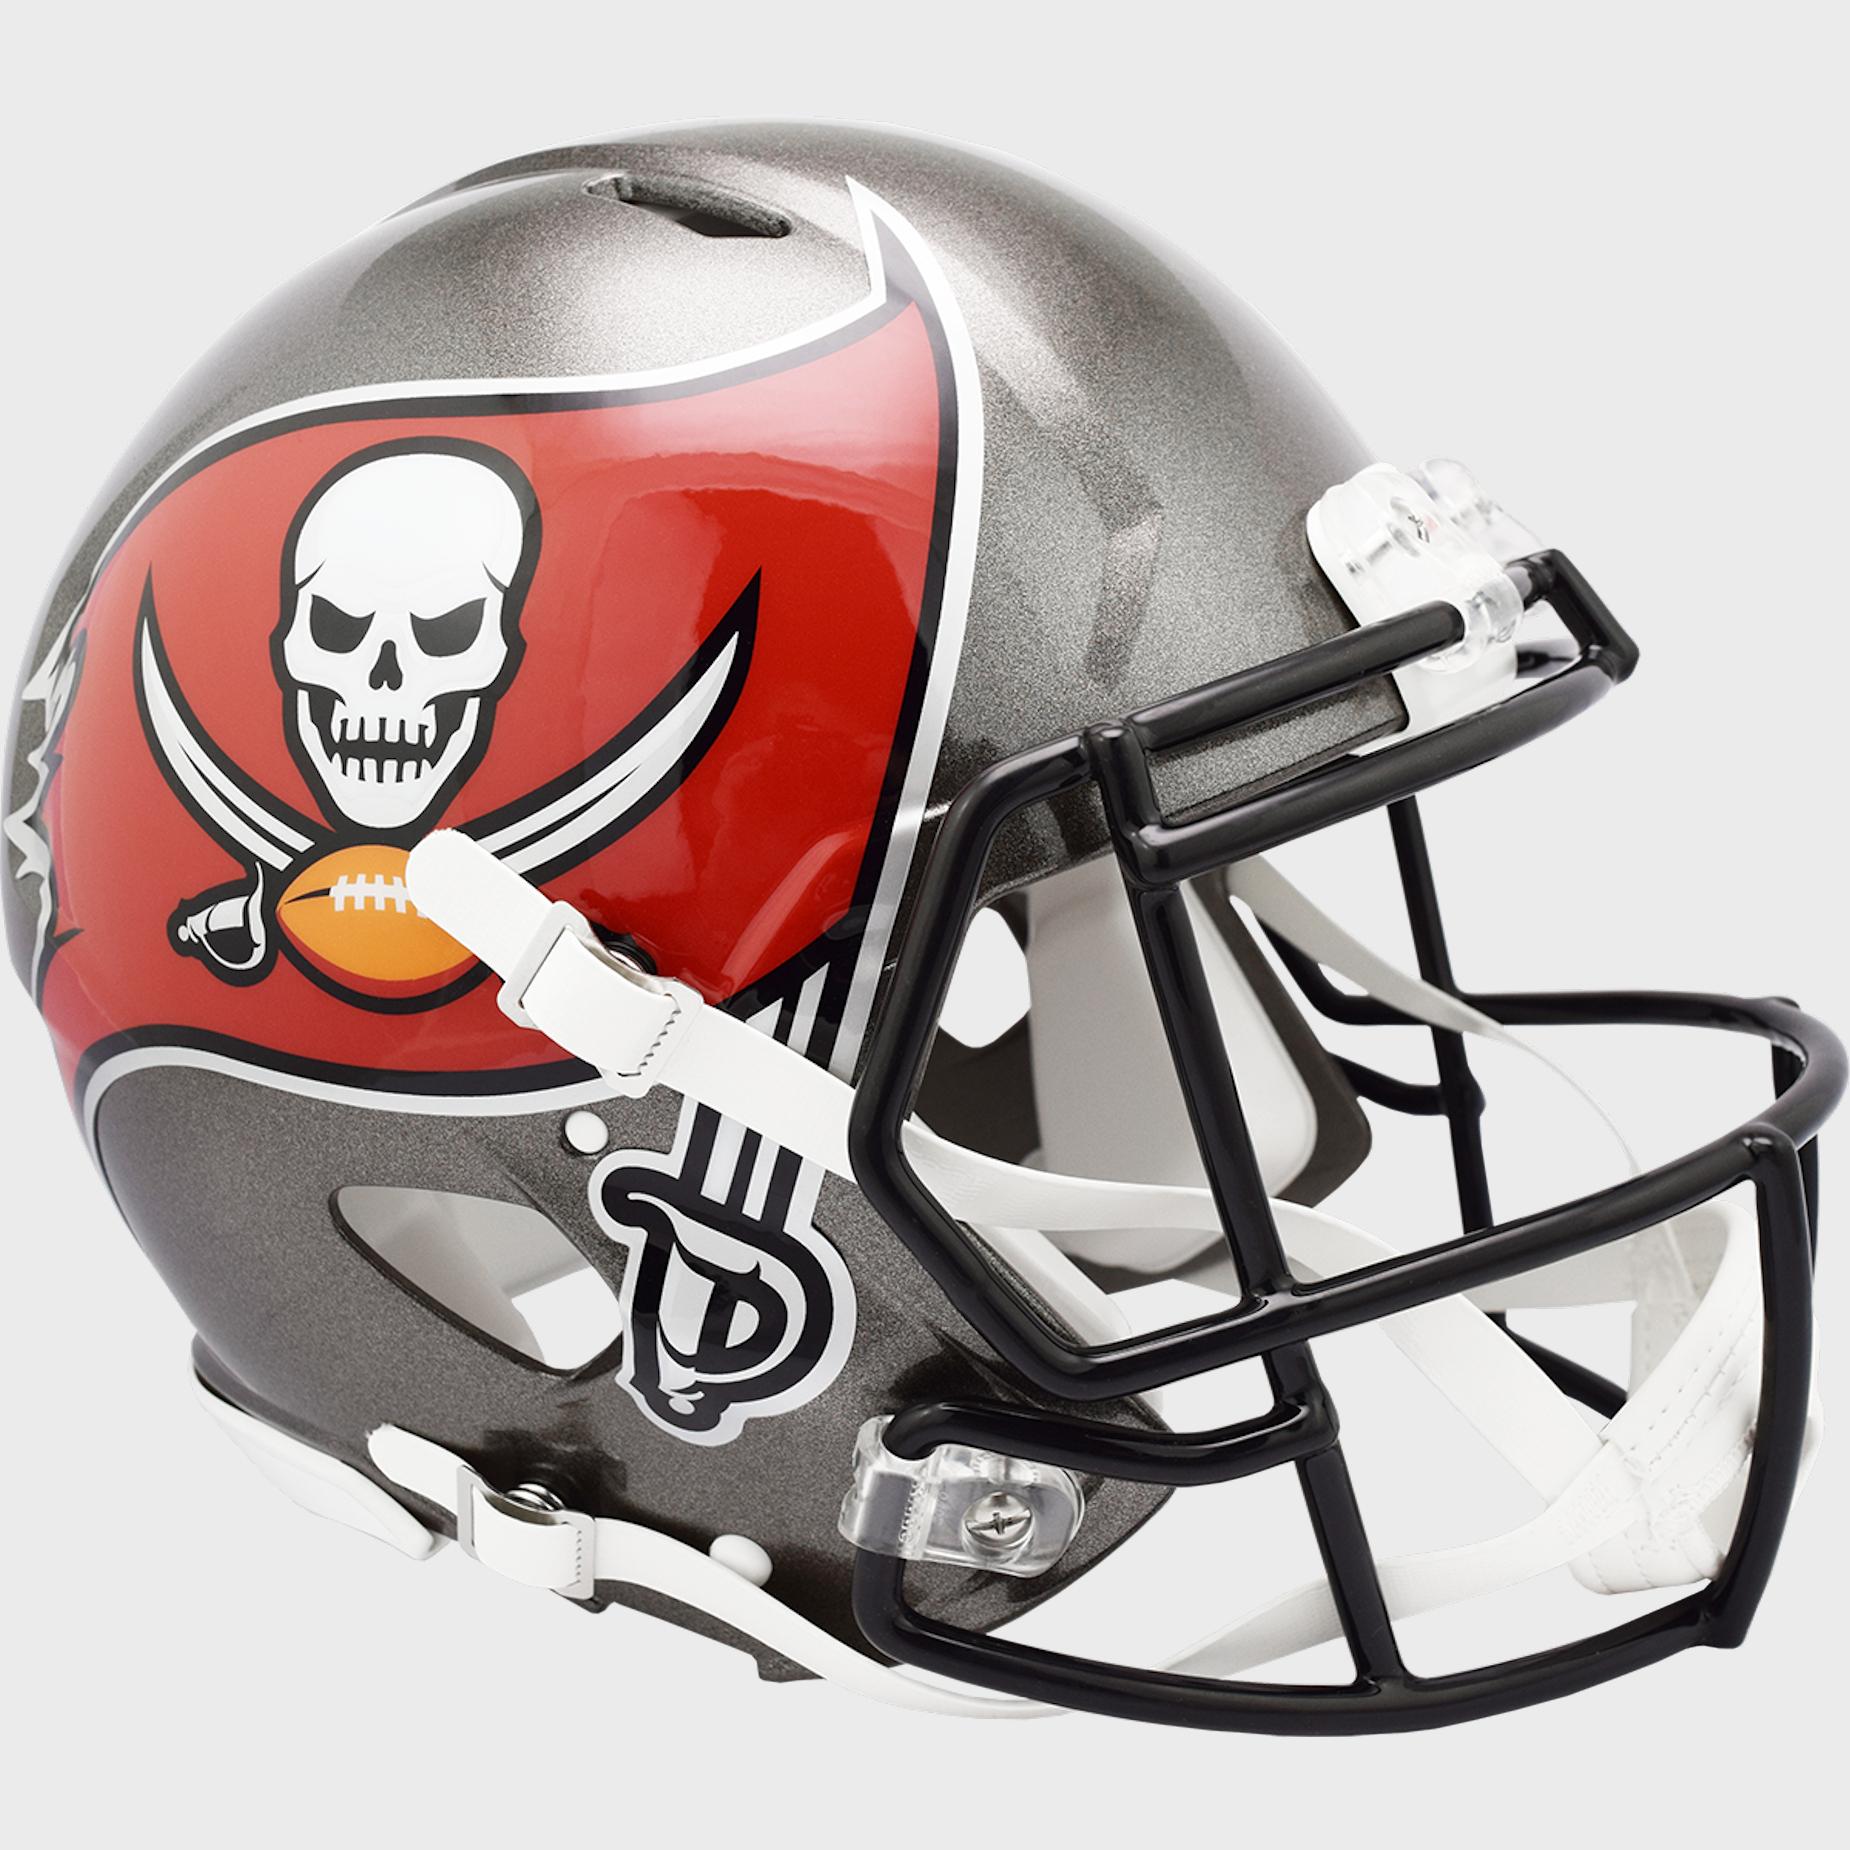 Tampa Bay Buccaneers Speed Football Helmet <B>NEW 2020</B>